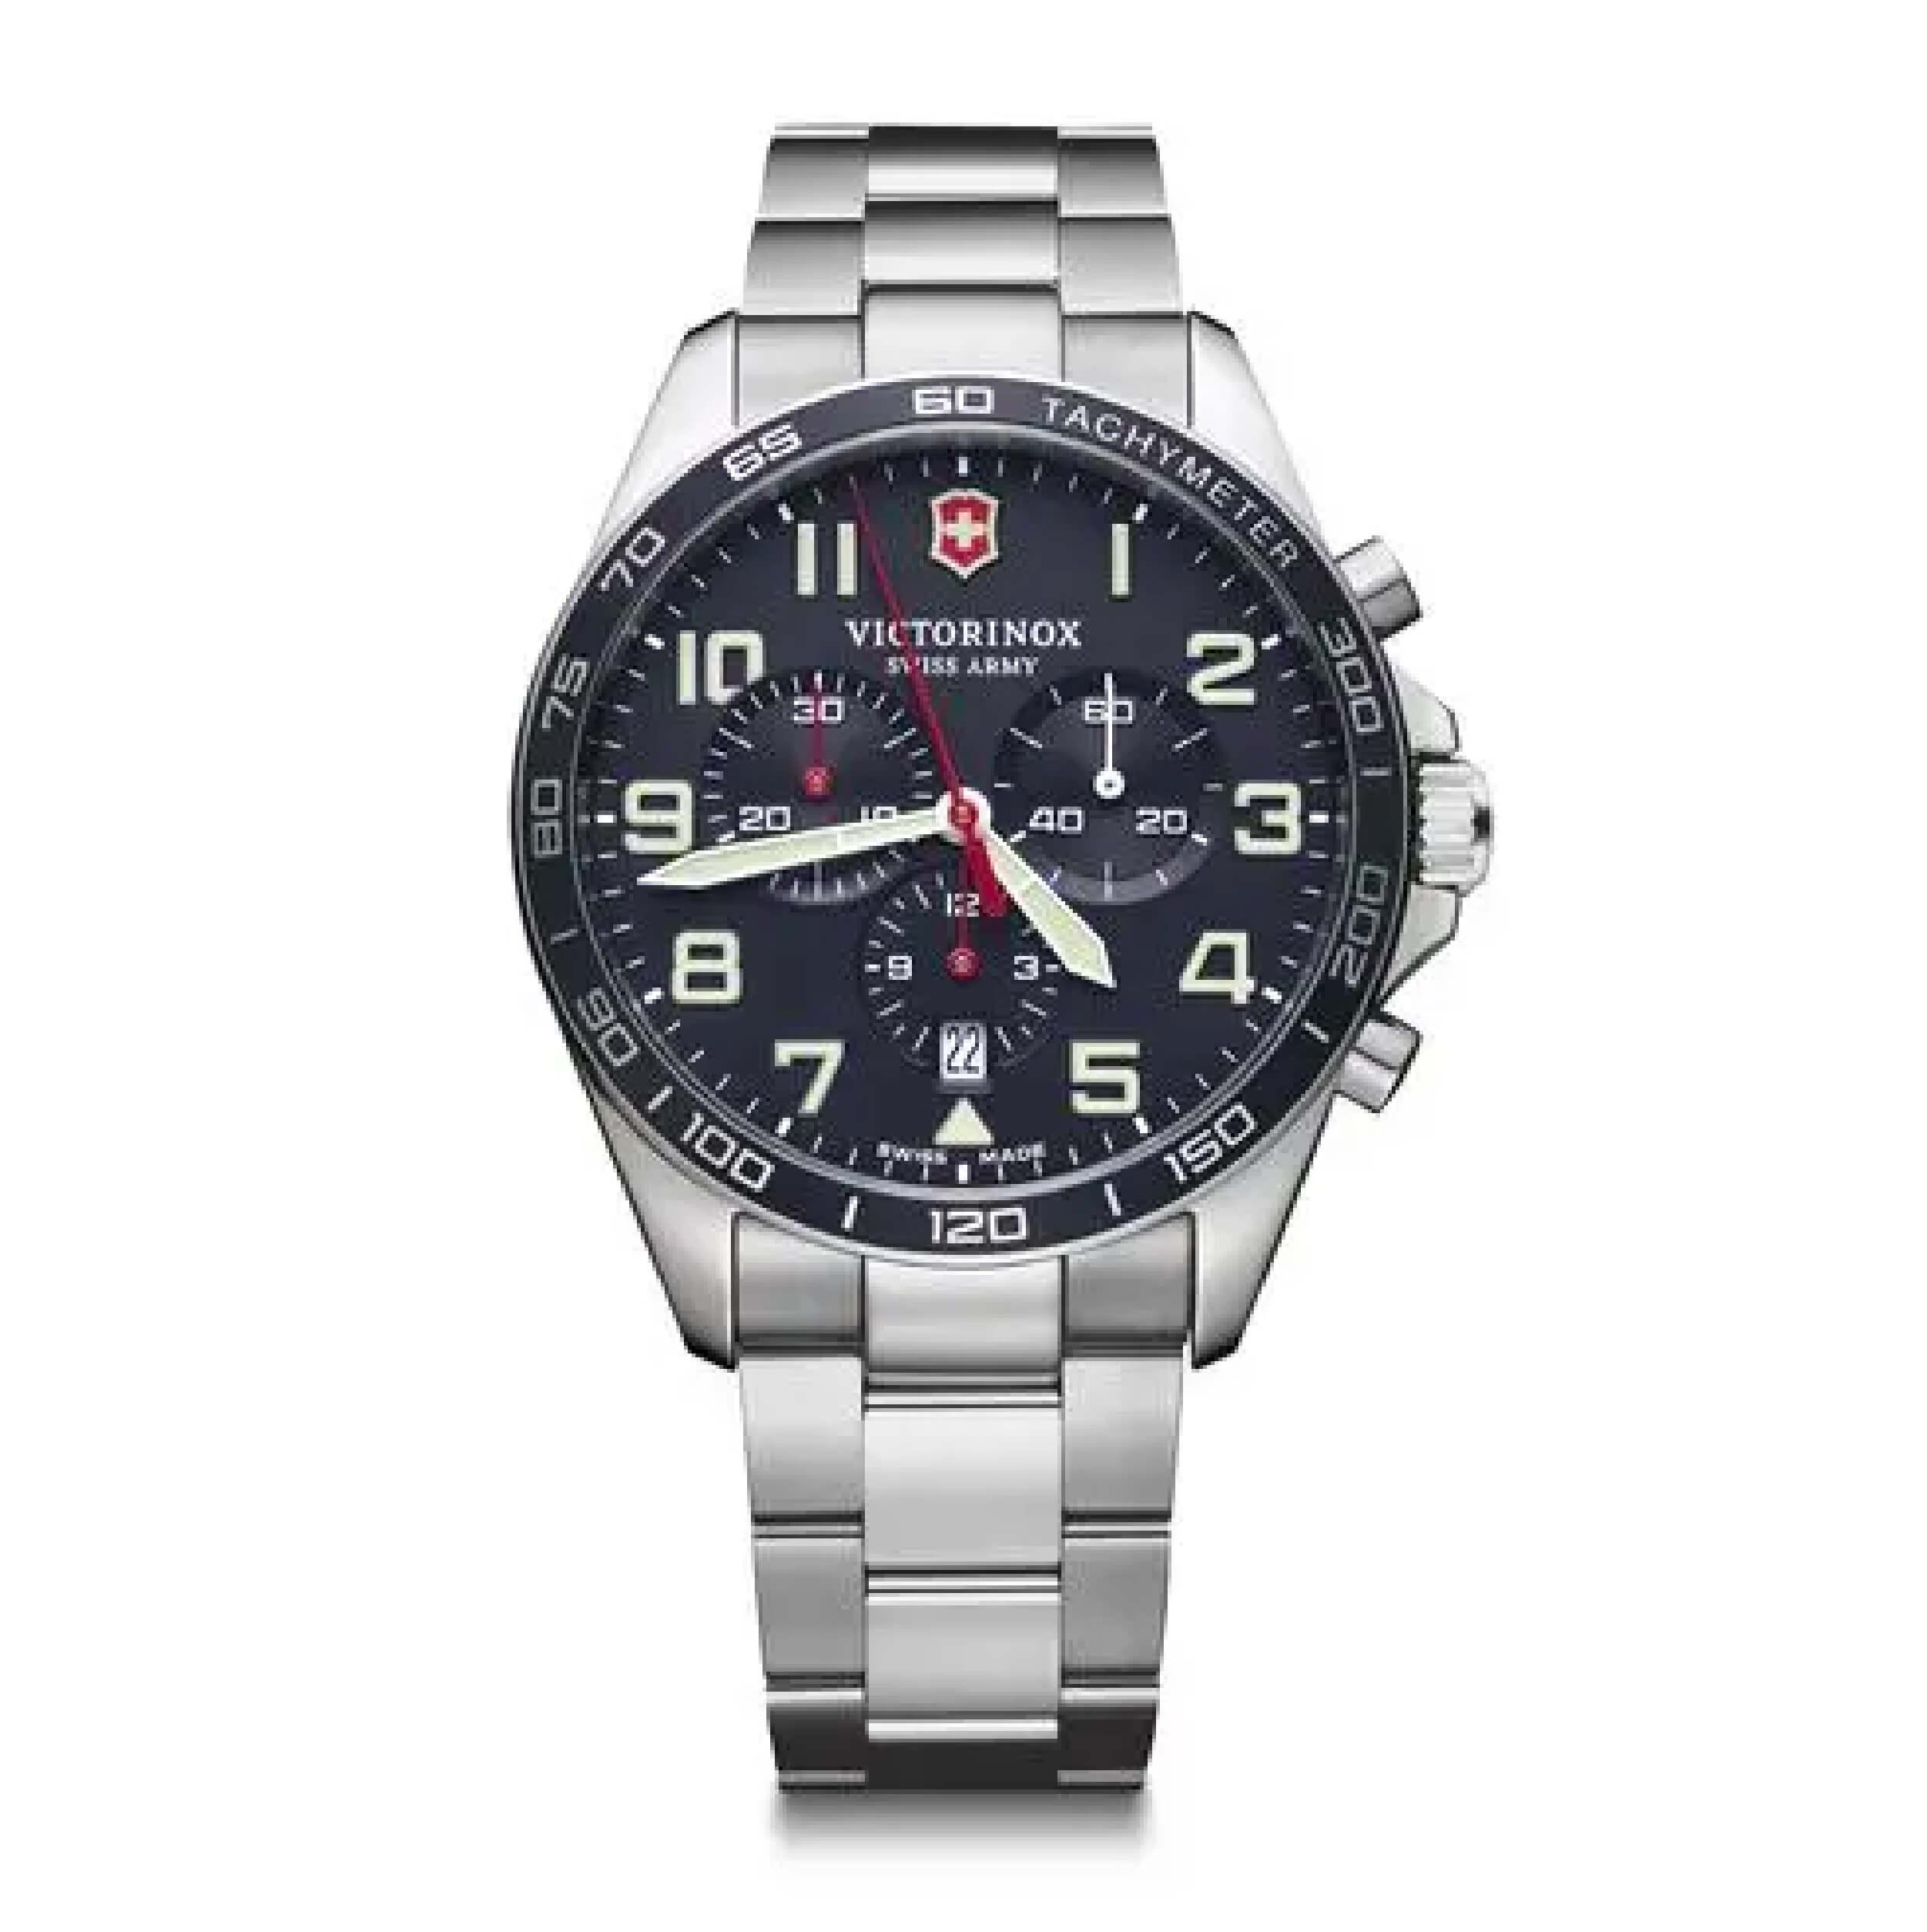 Victorinox Fieldforce Chronograpgh | Best Chronograph Watch Under £500